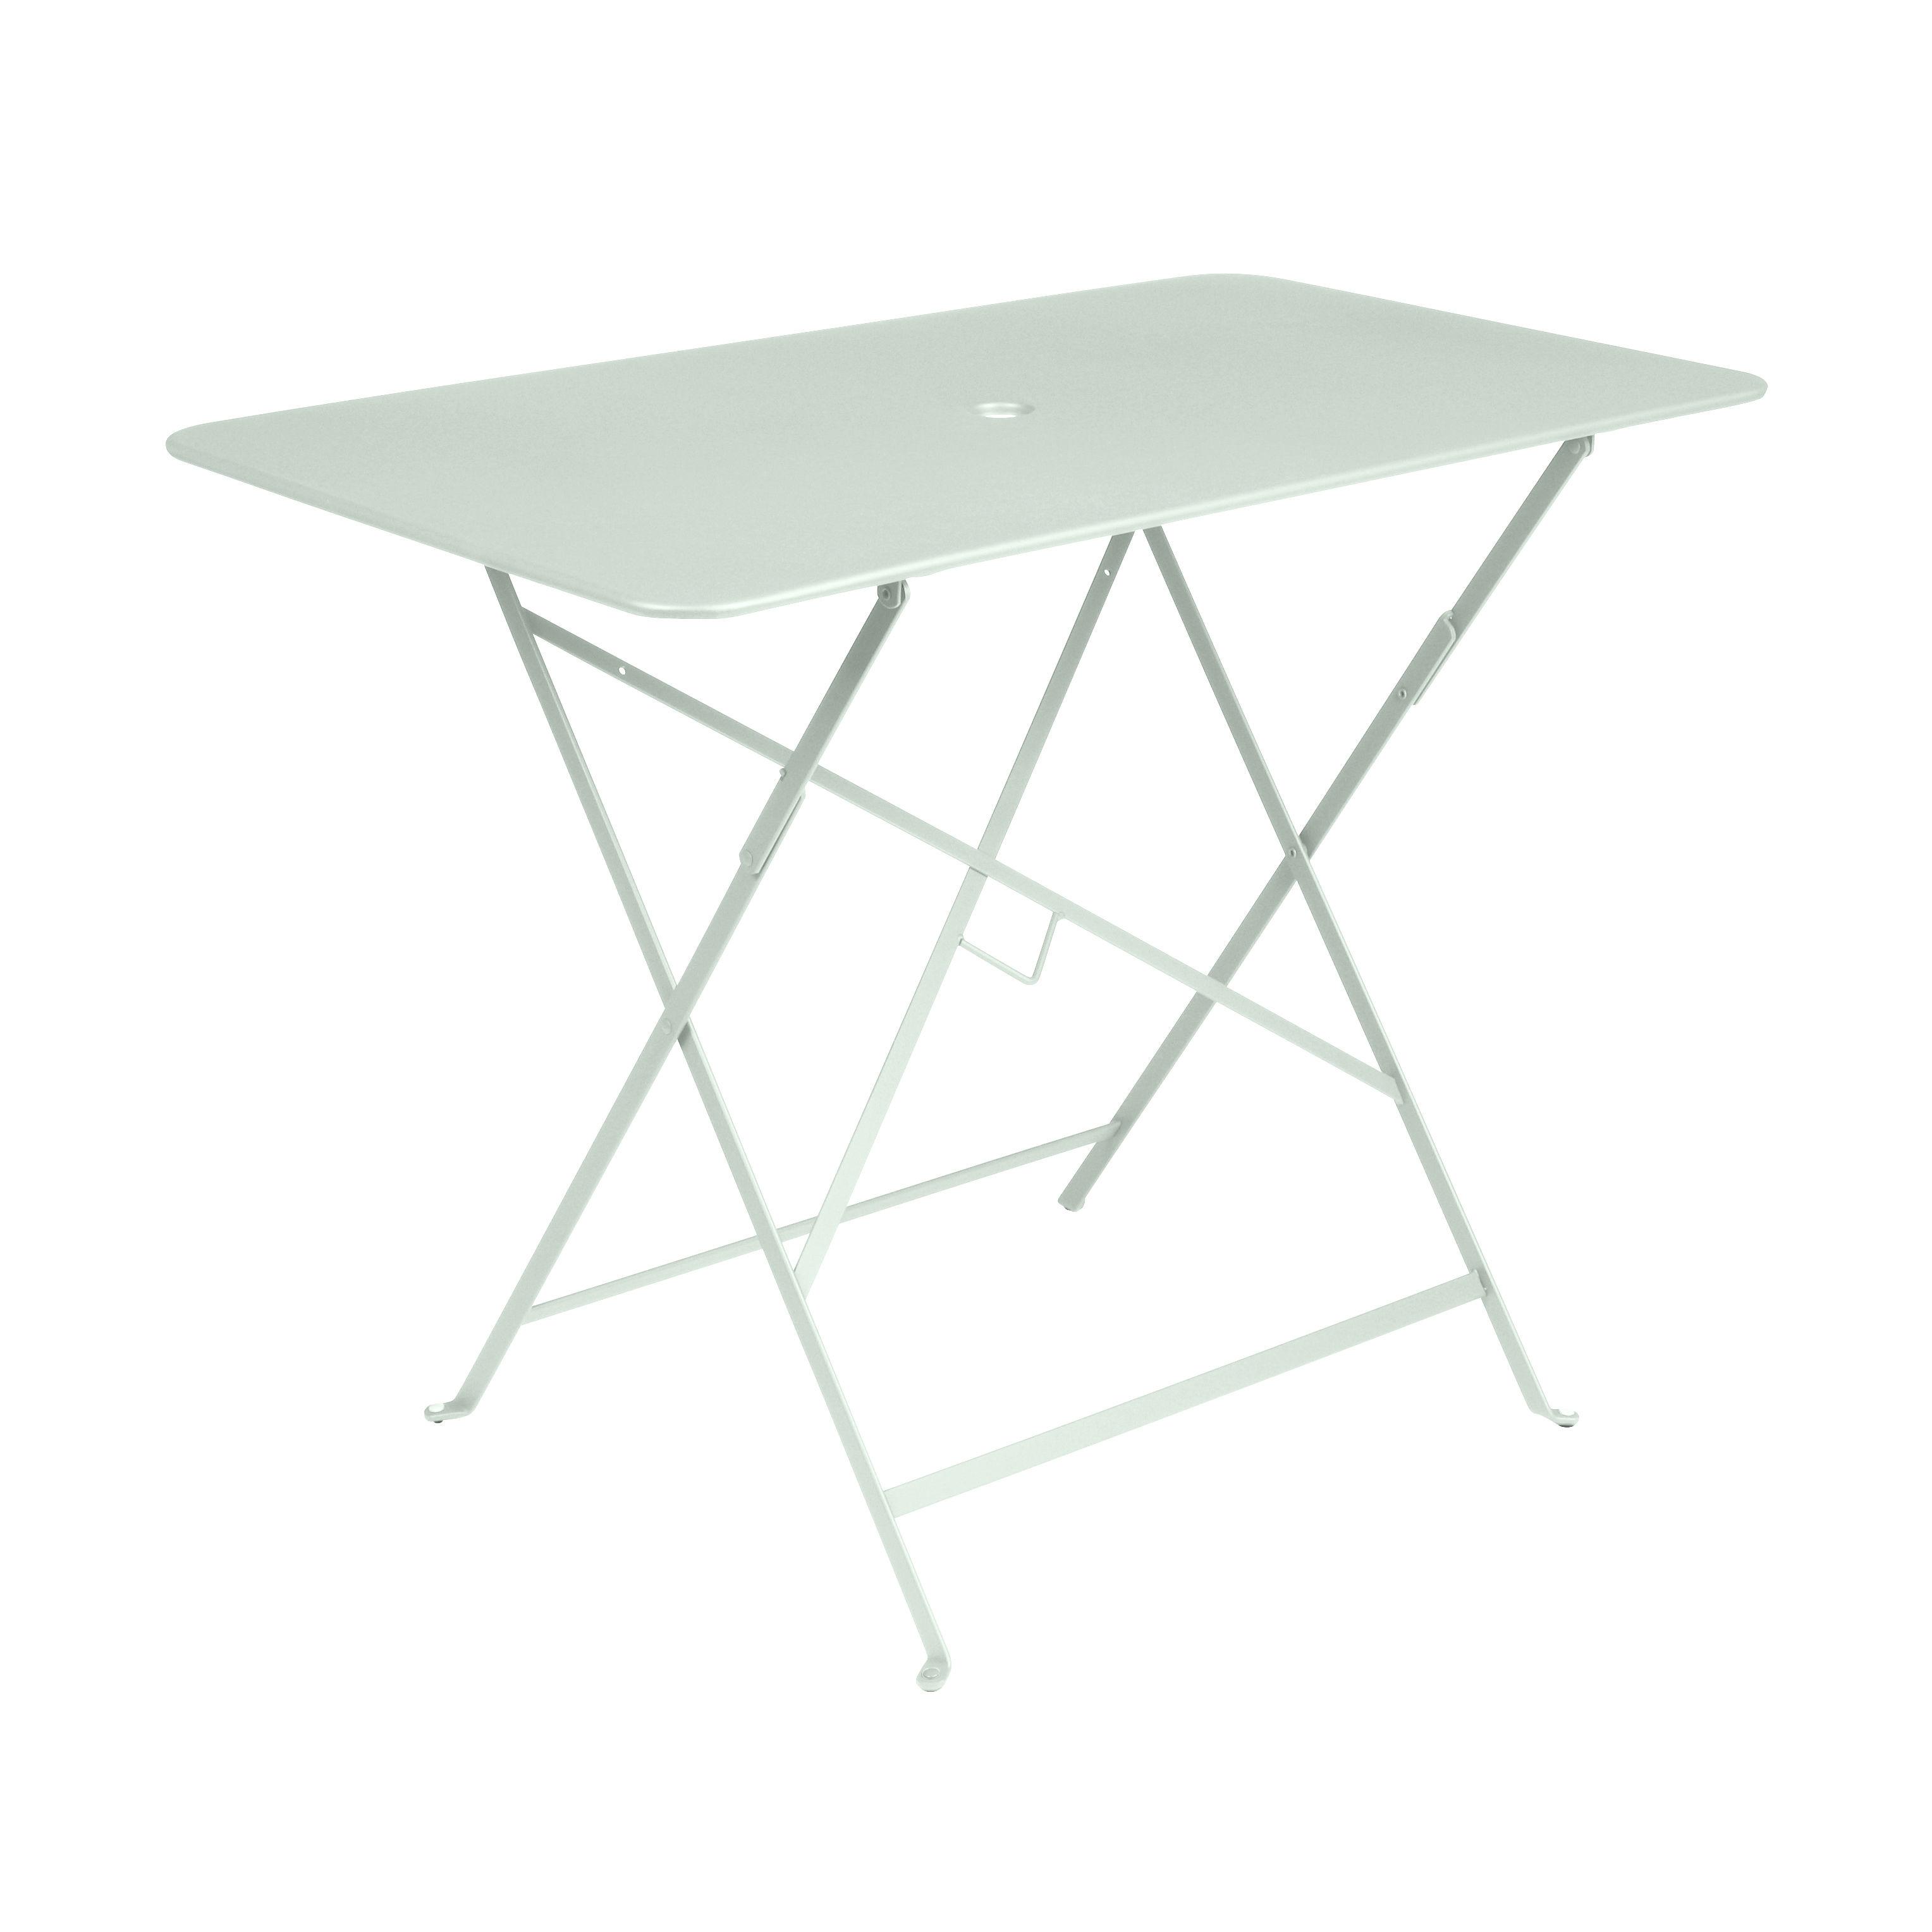 Outdoor - Tische - Bistro Klapptisch / 97 x 57 cm - 4 Personen - Sonnenschirm-Loch - Fermob - Gletscherminze - lackierter Stahl